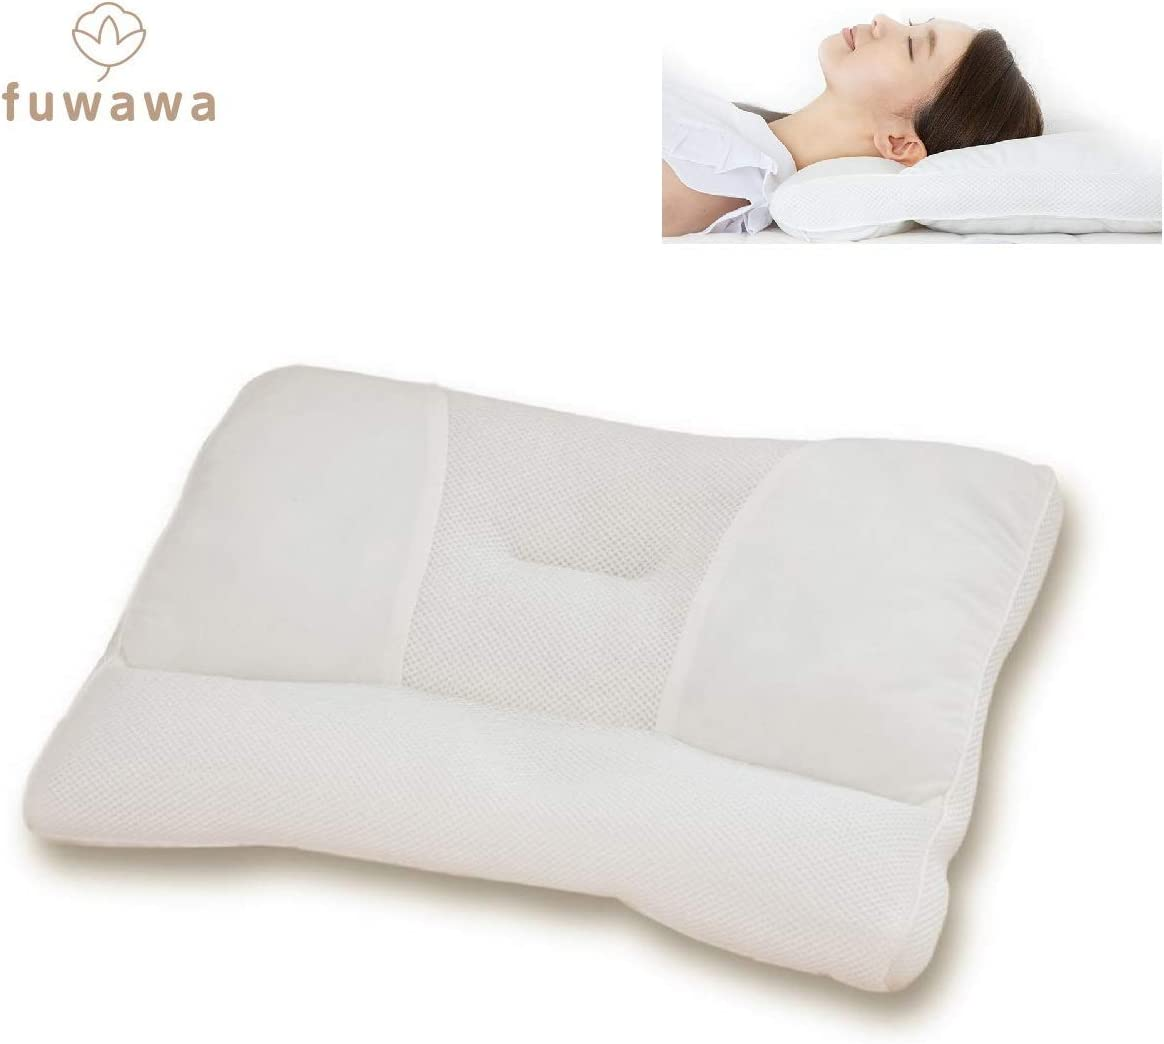 fuwawa (ふわわ) ストレートネック枕 パイプ枕 高さ調整枕